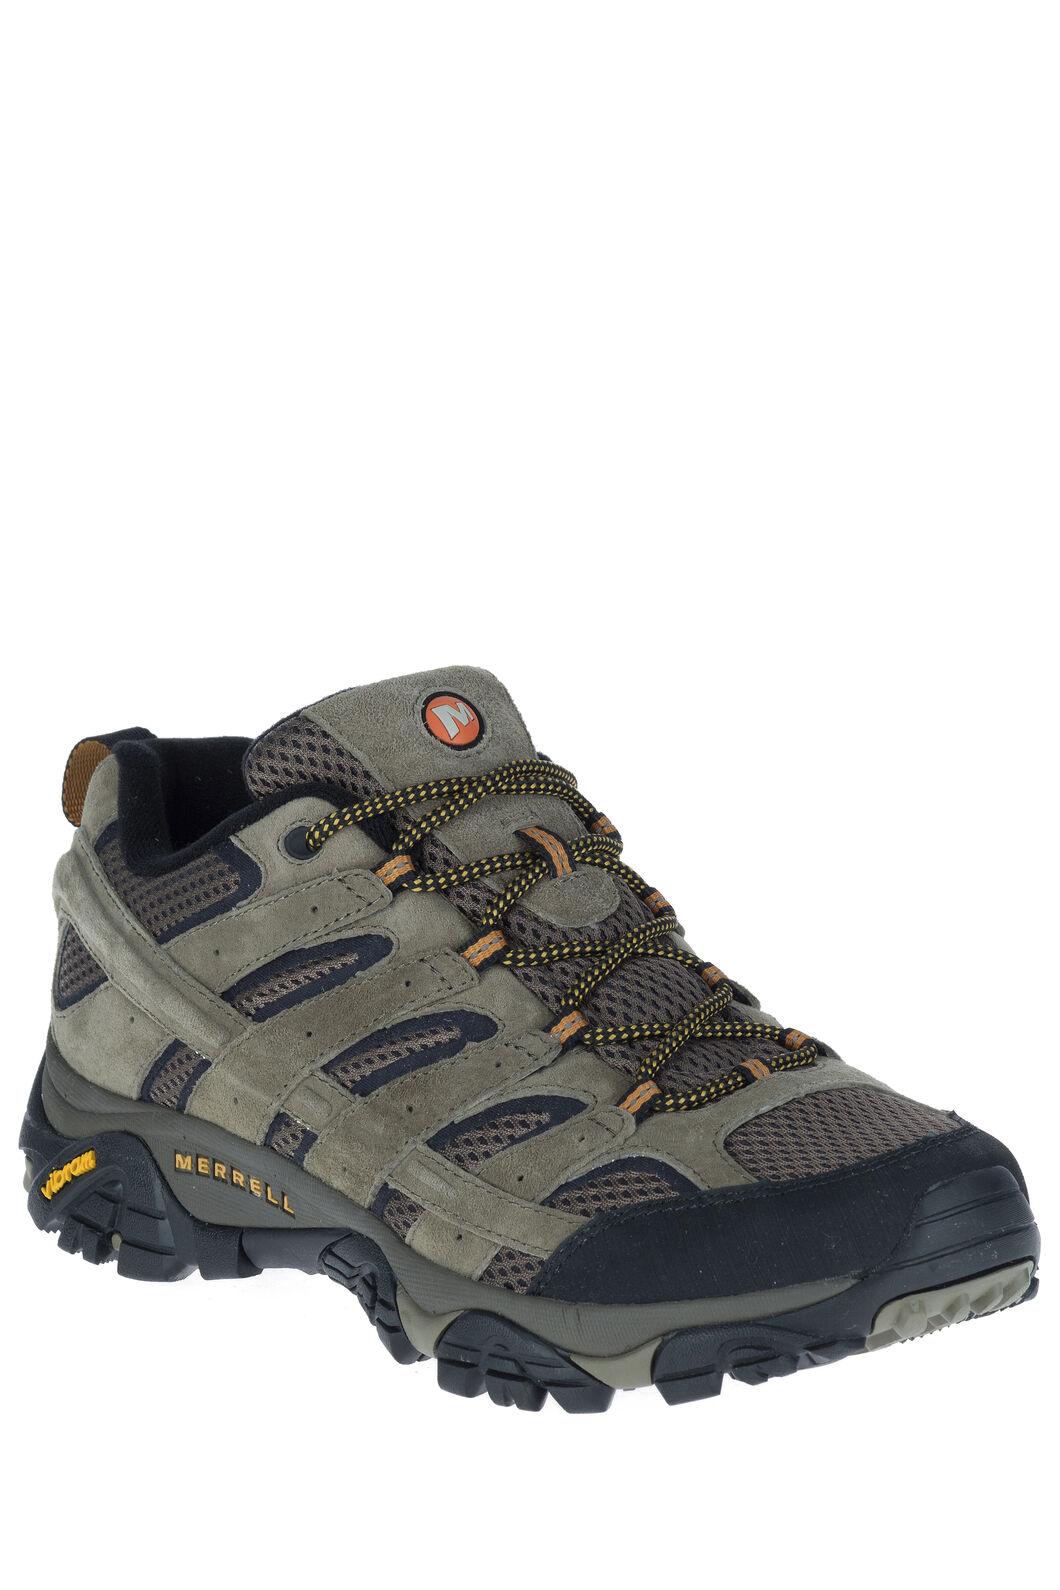 Merrell Moab 2 Ventilator Hiking Shoes — Men's, Walnut, hi-res